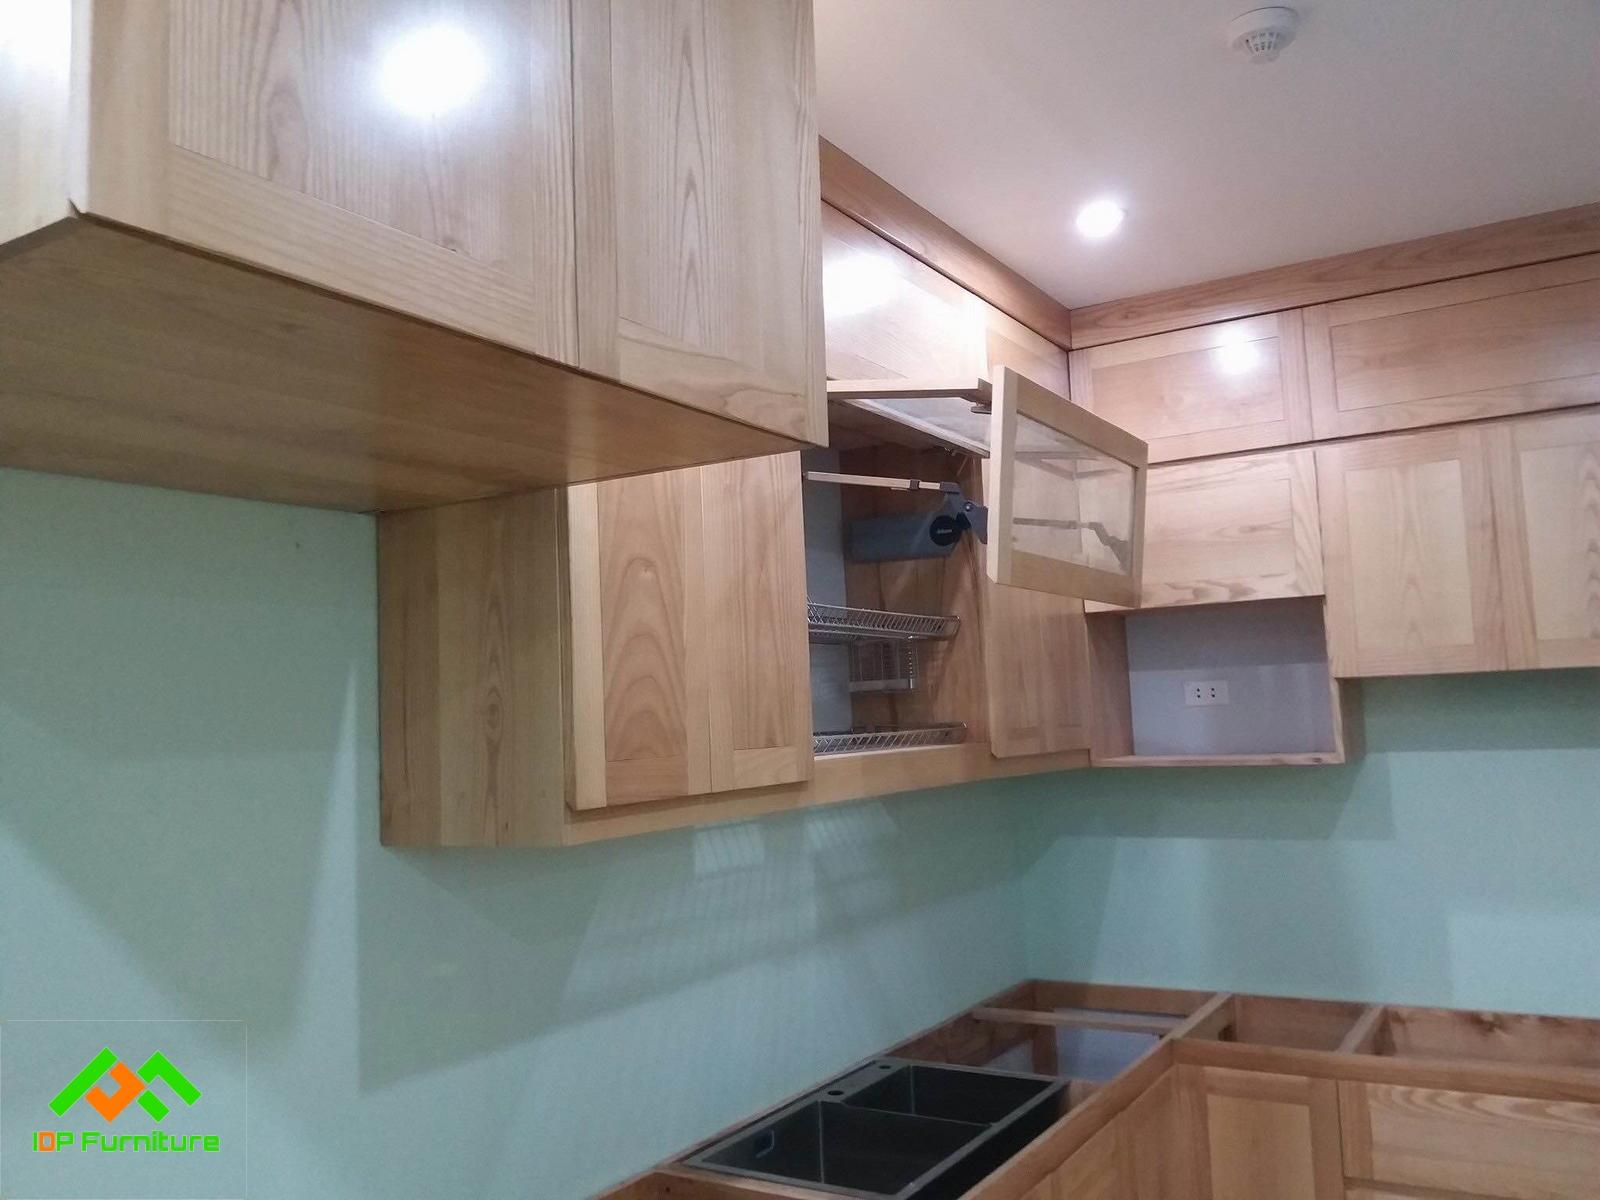 Báo giá tủ bếp 2016